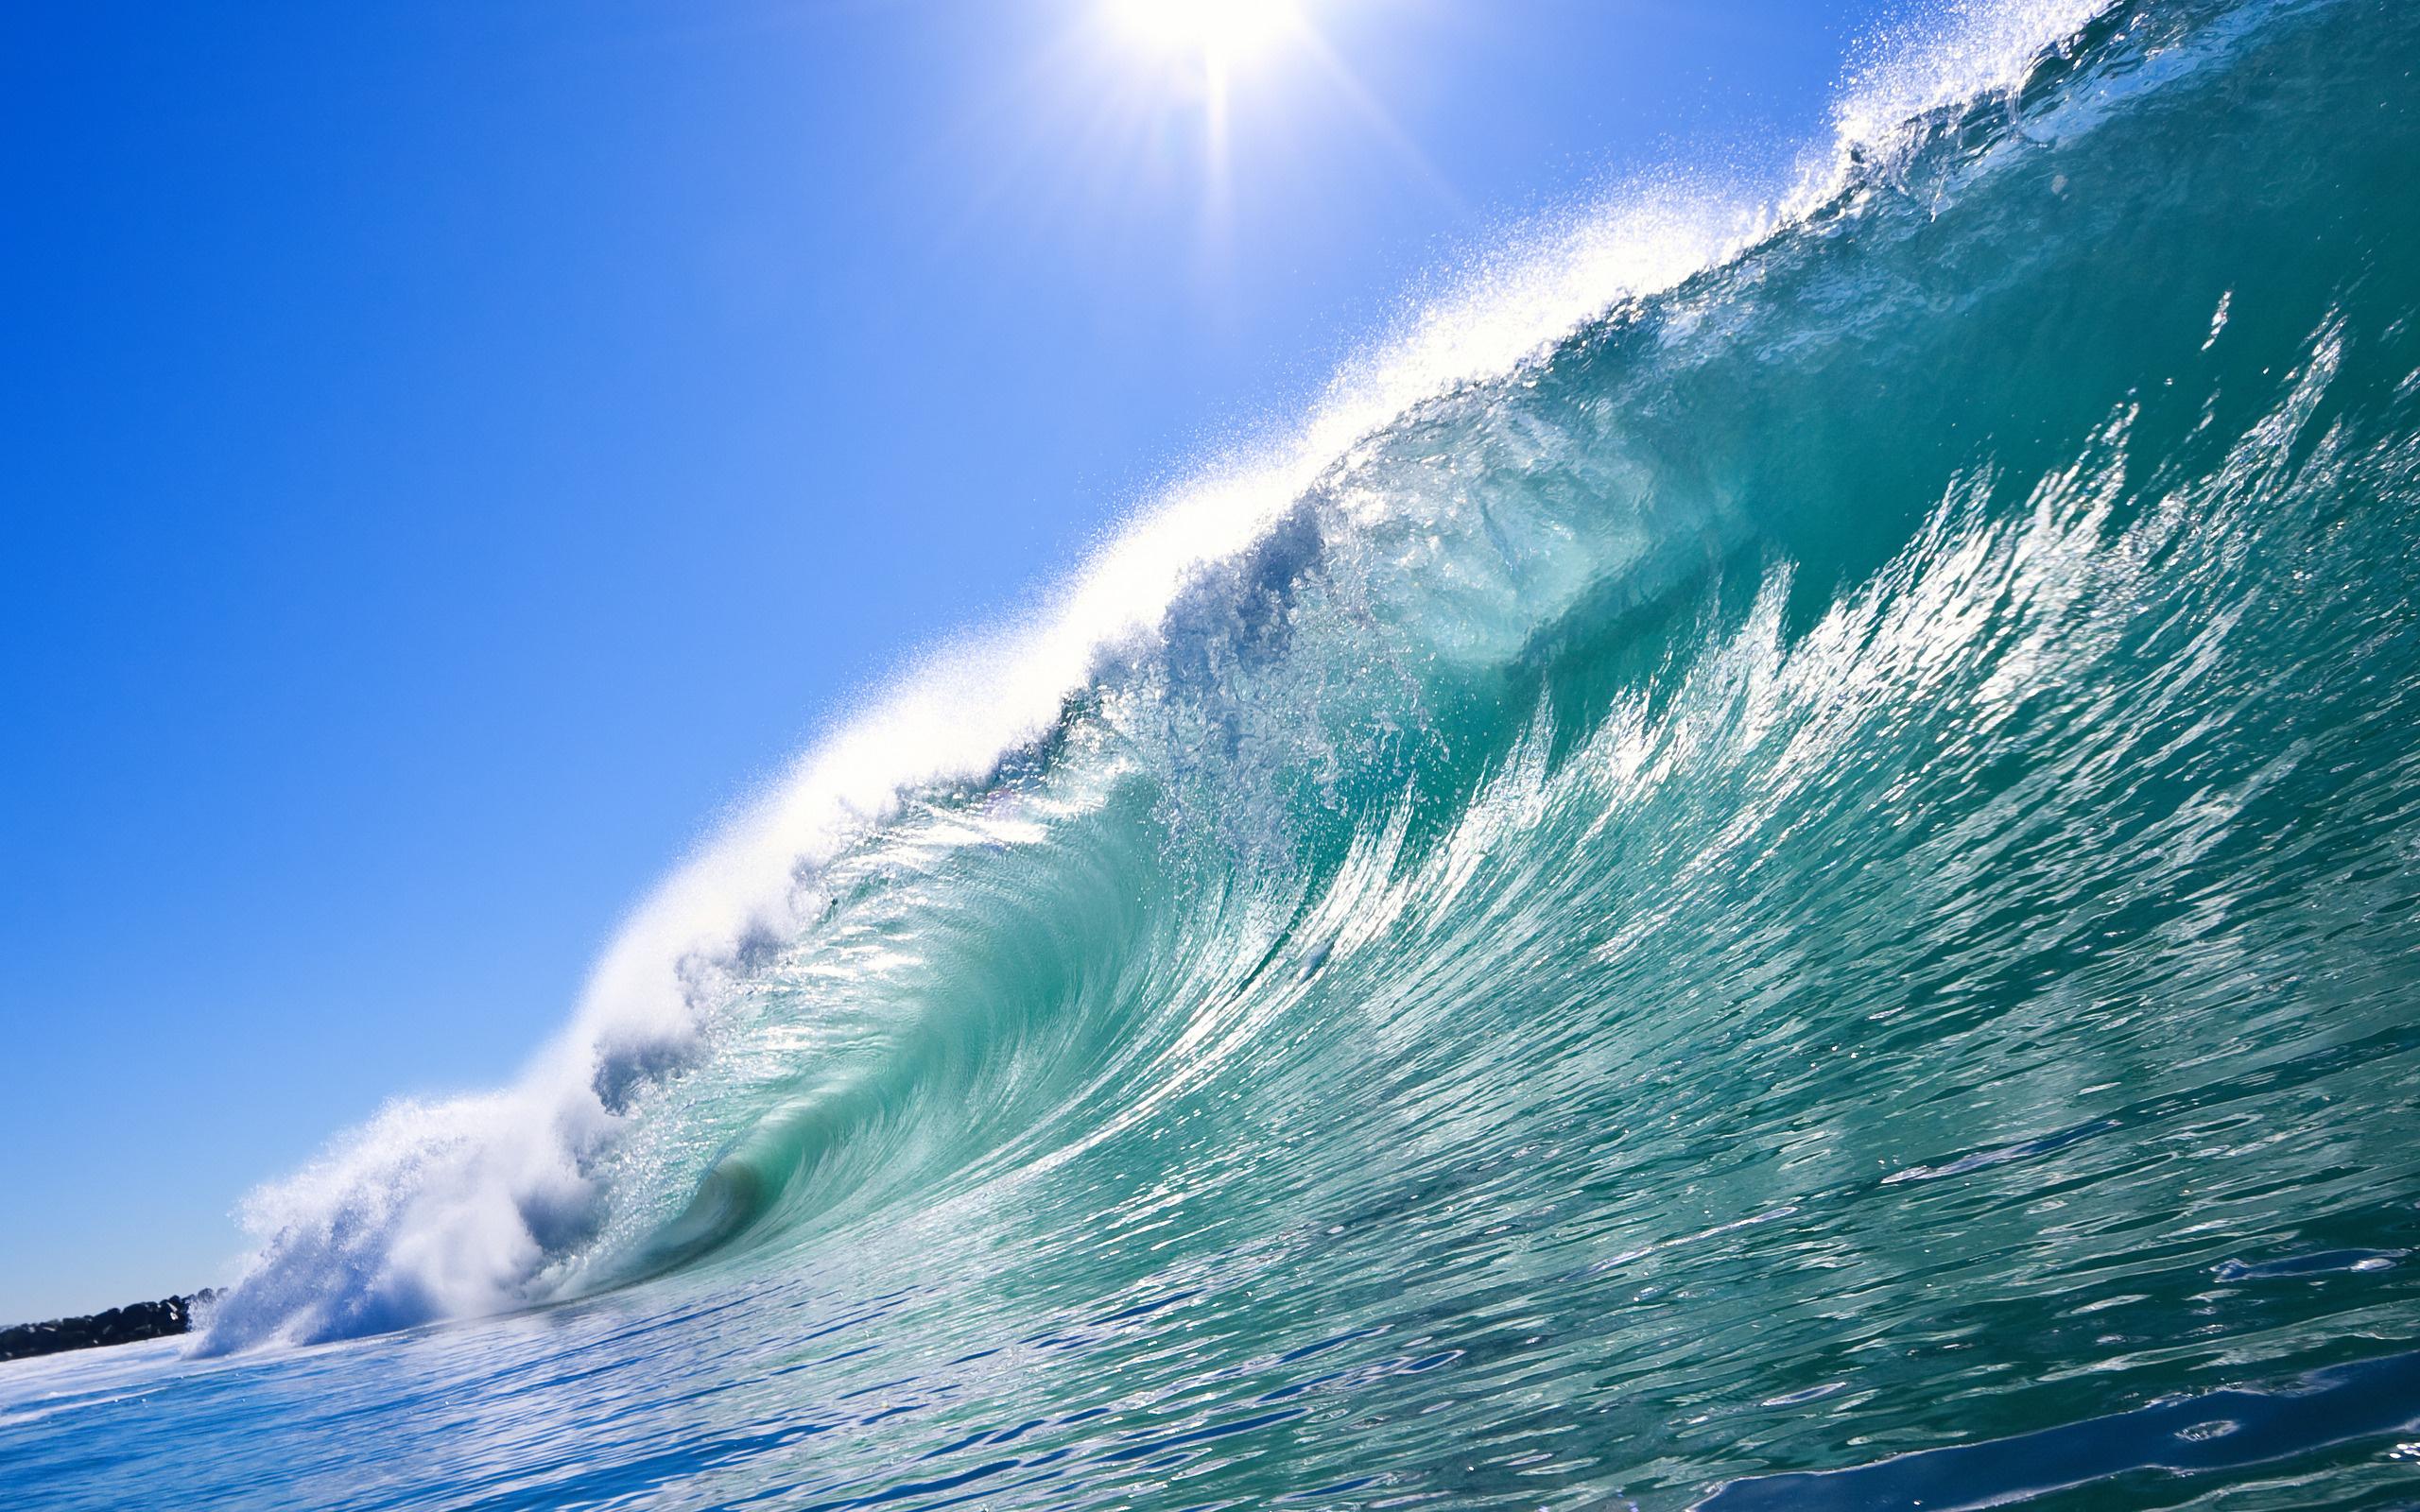 Ocean Waves Wallpaper Desktop 3